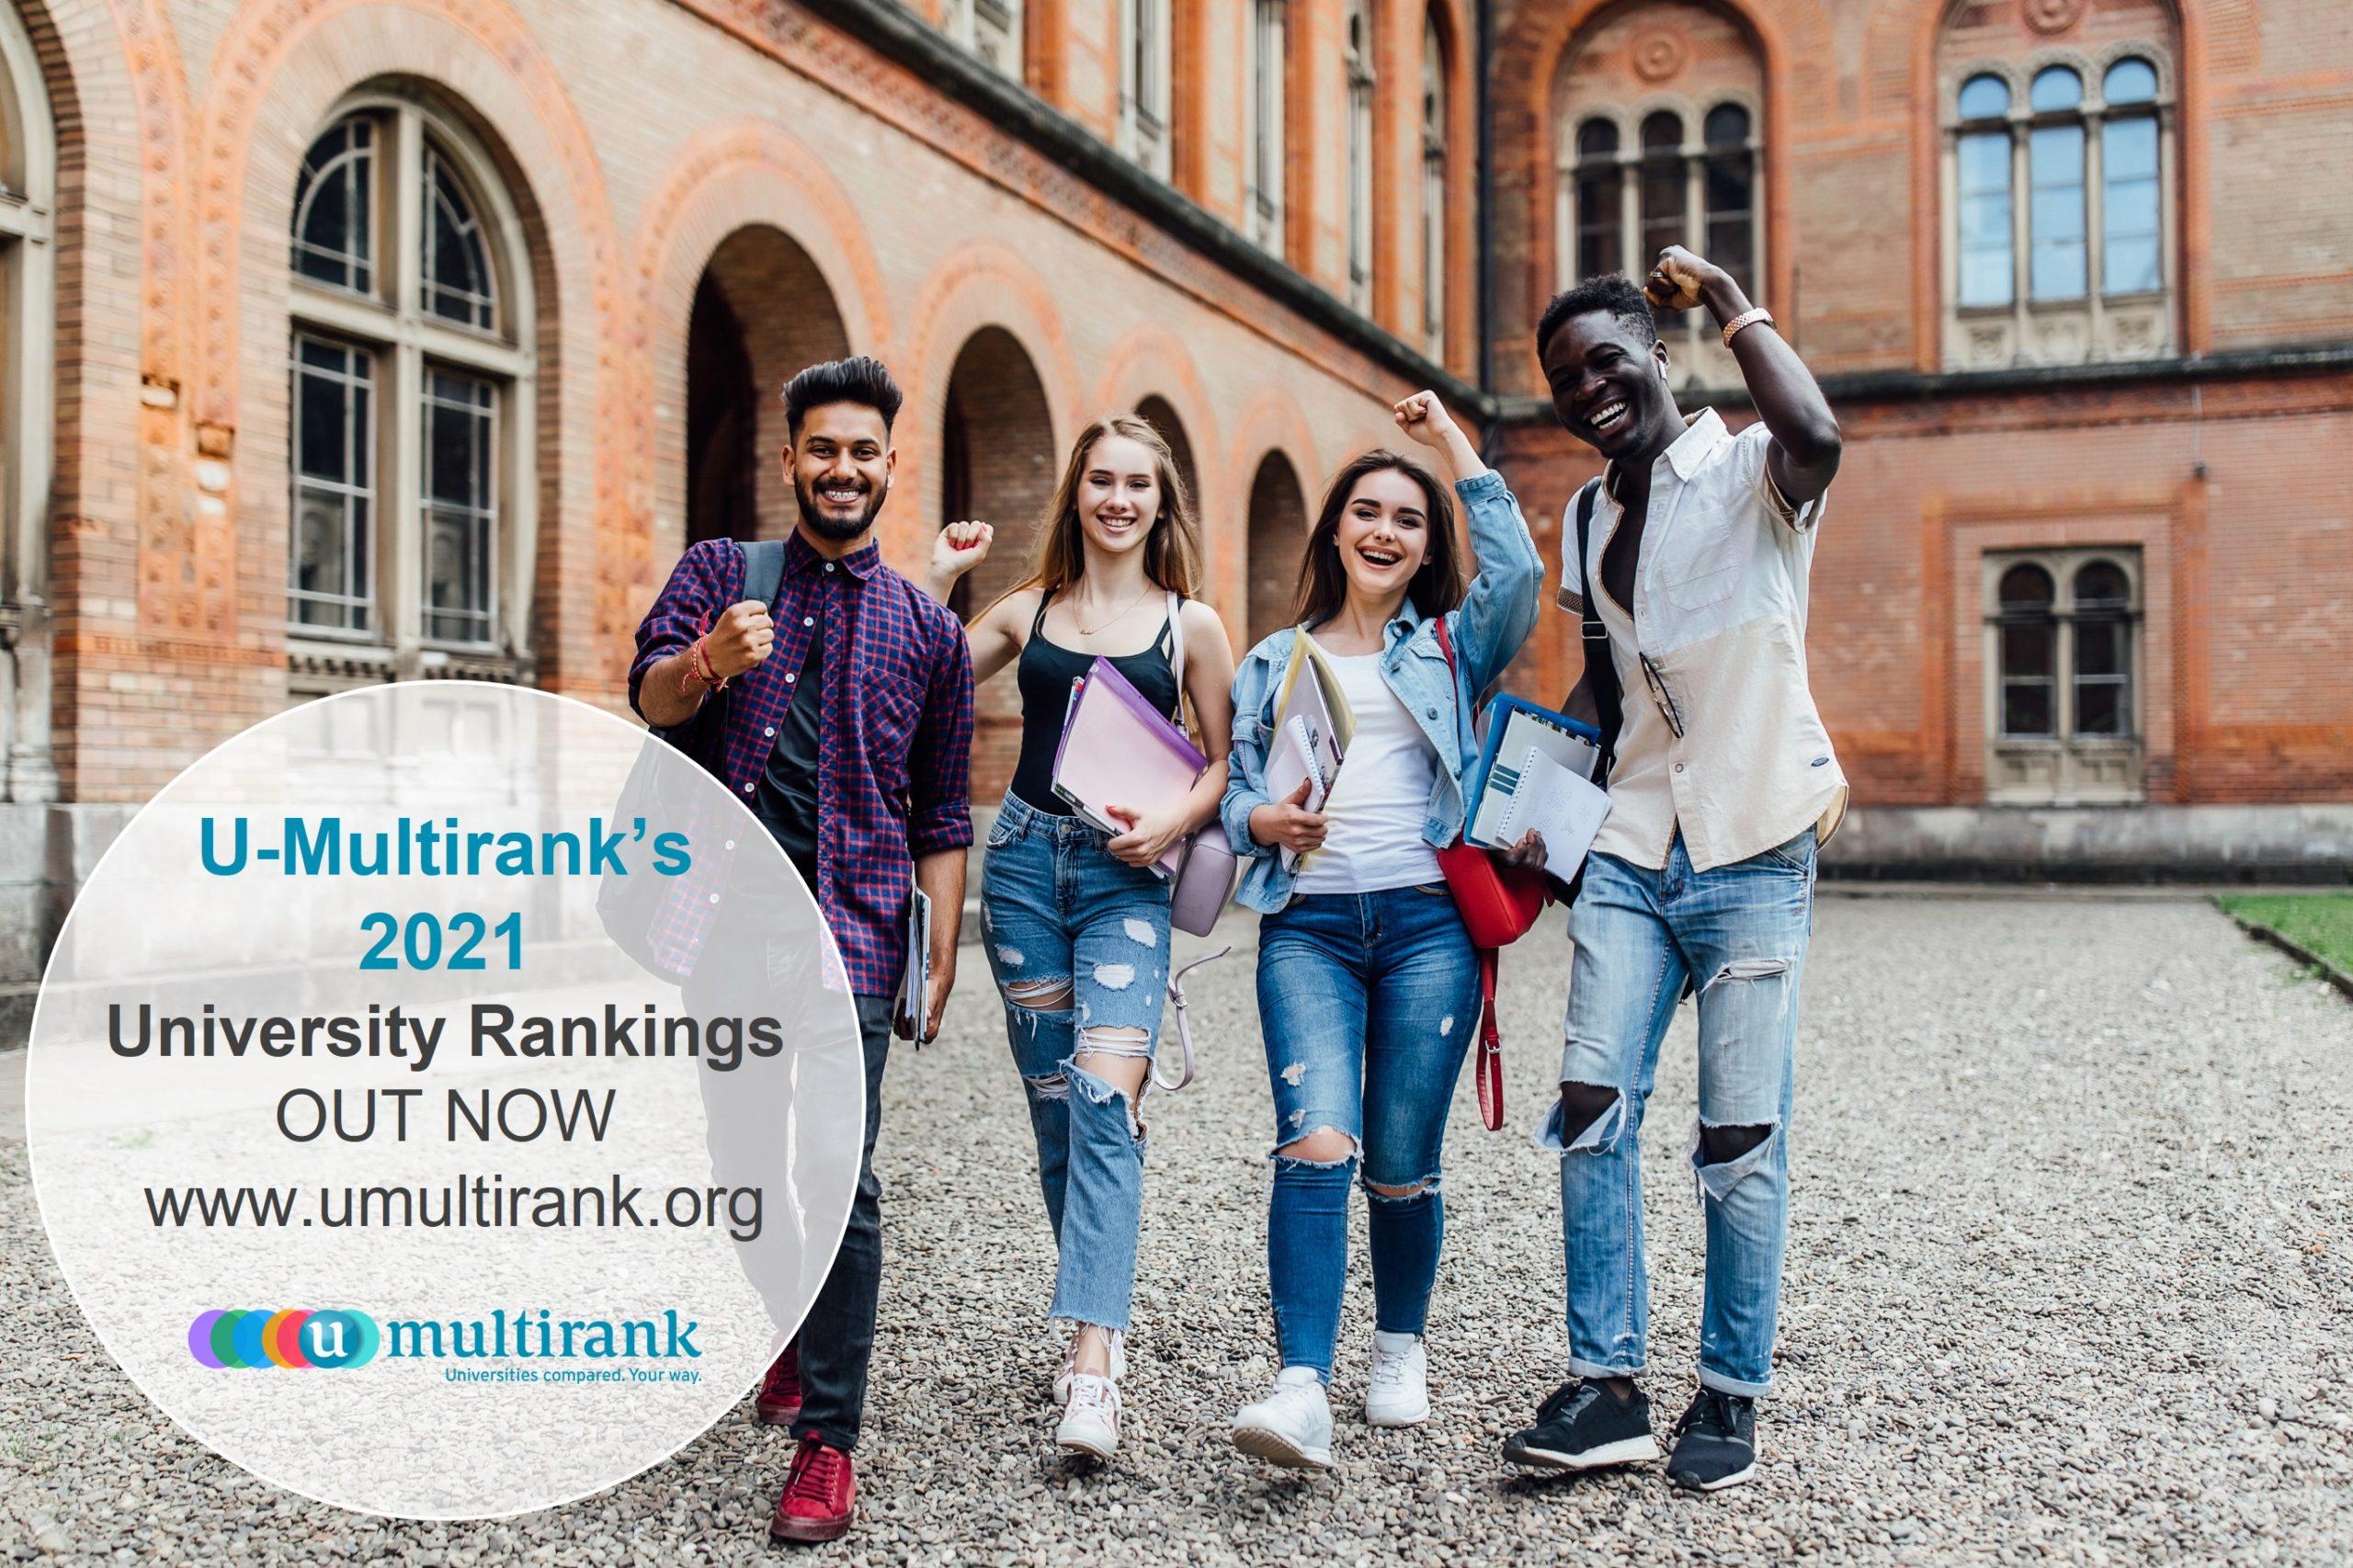 Neue U-Multirank-Daten: Kooperation von Hochschulen zahlt sich aus